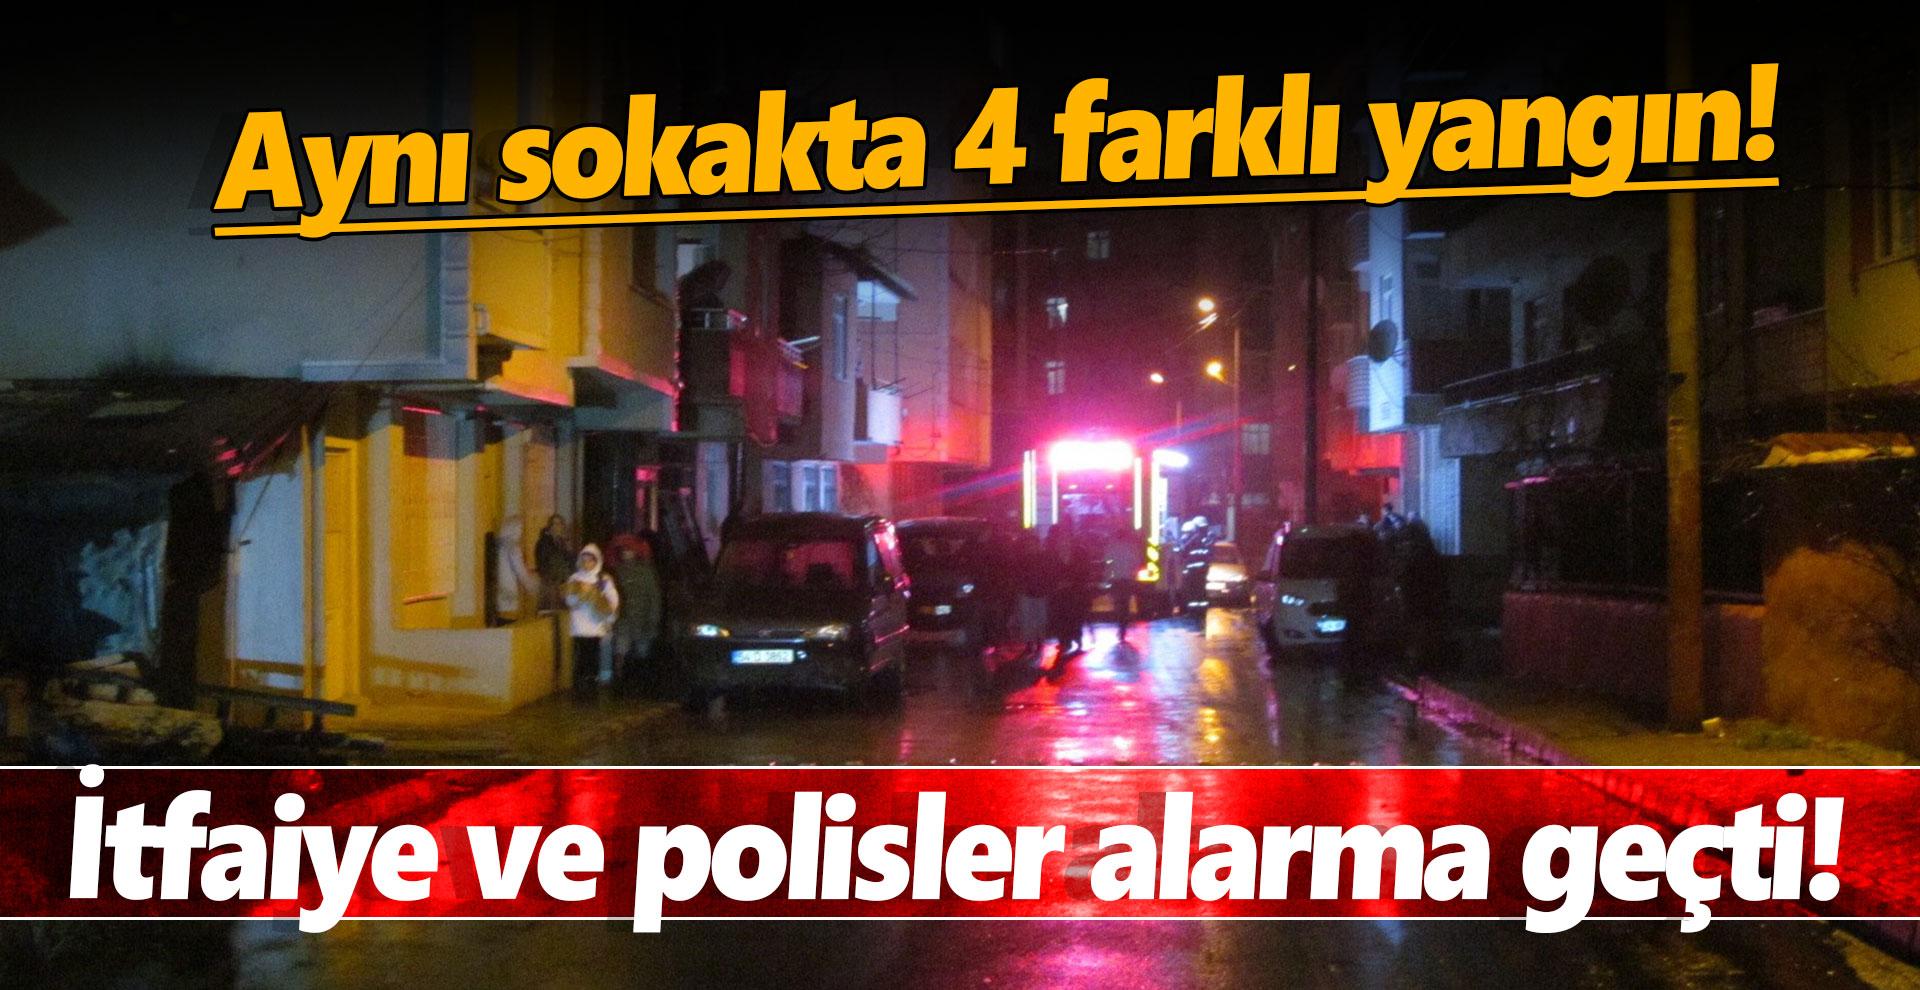 Aynı sokakta 4 farklı yangın! İtfaiye ve polisler alarma geçti!